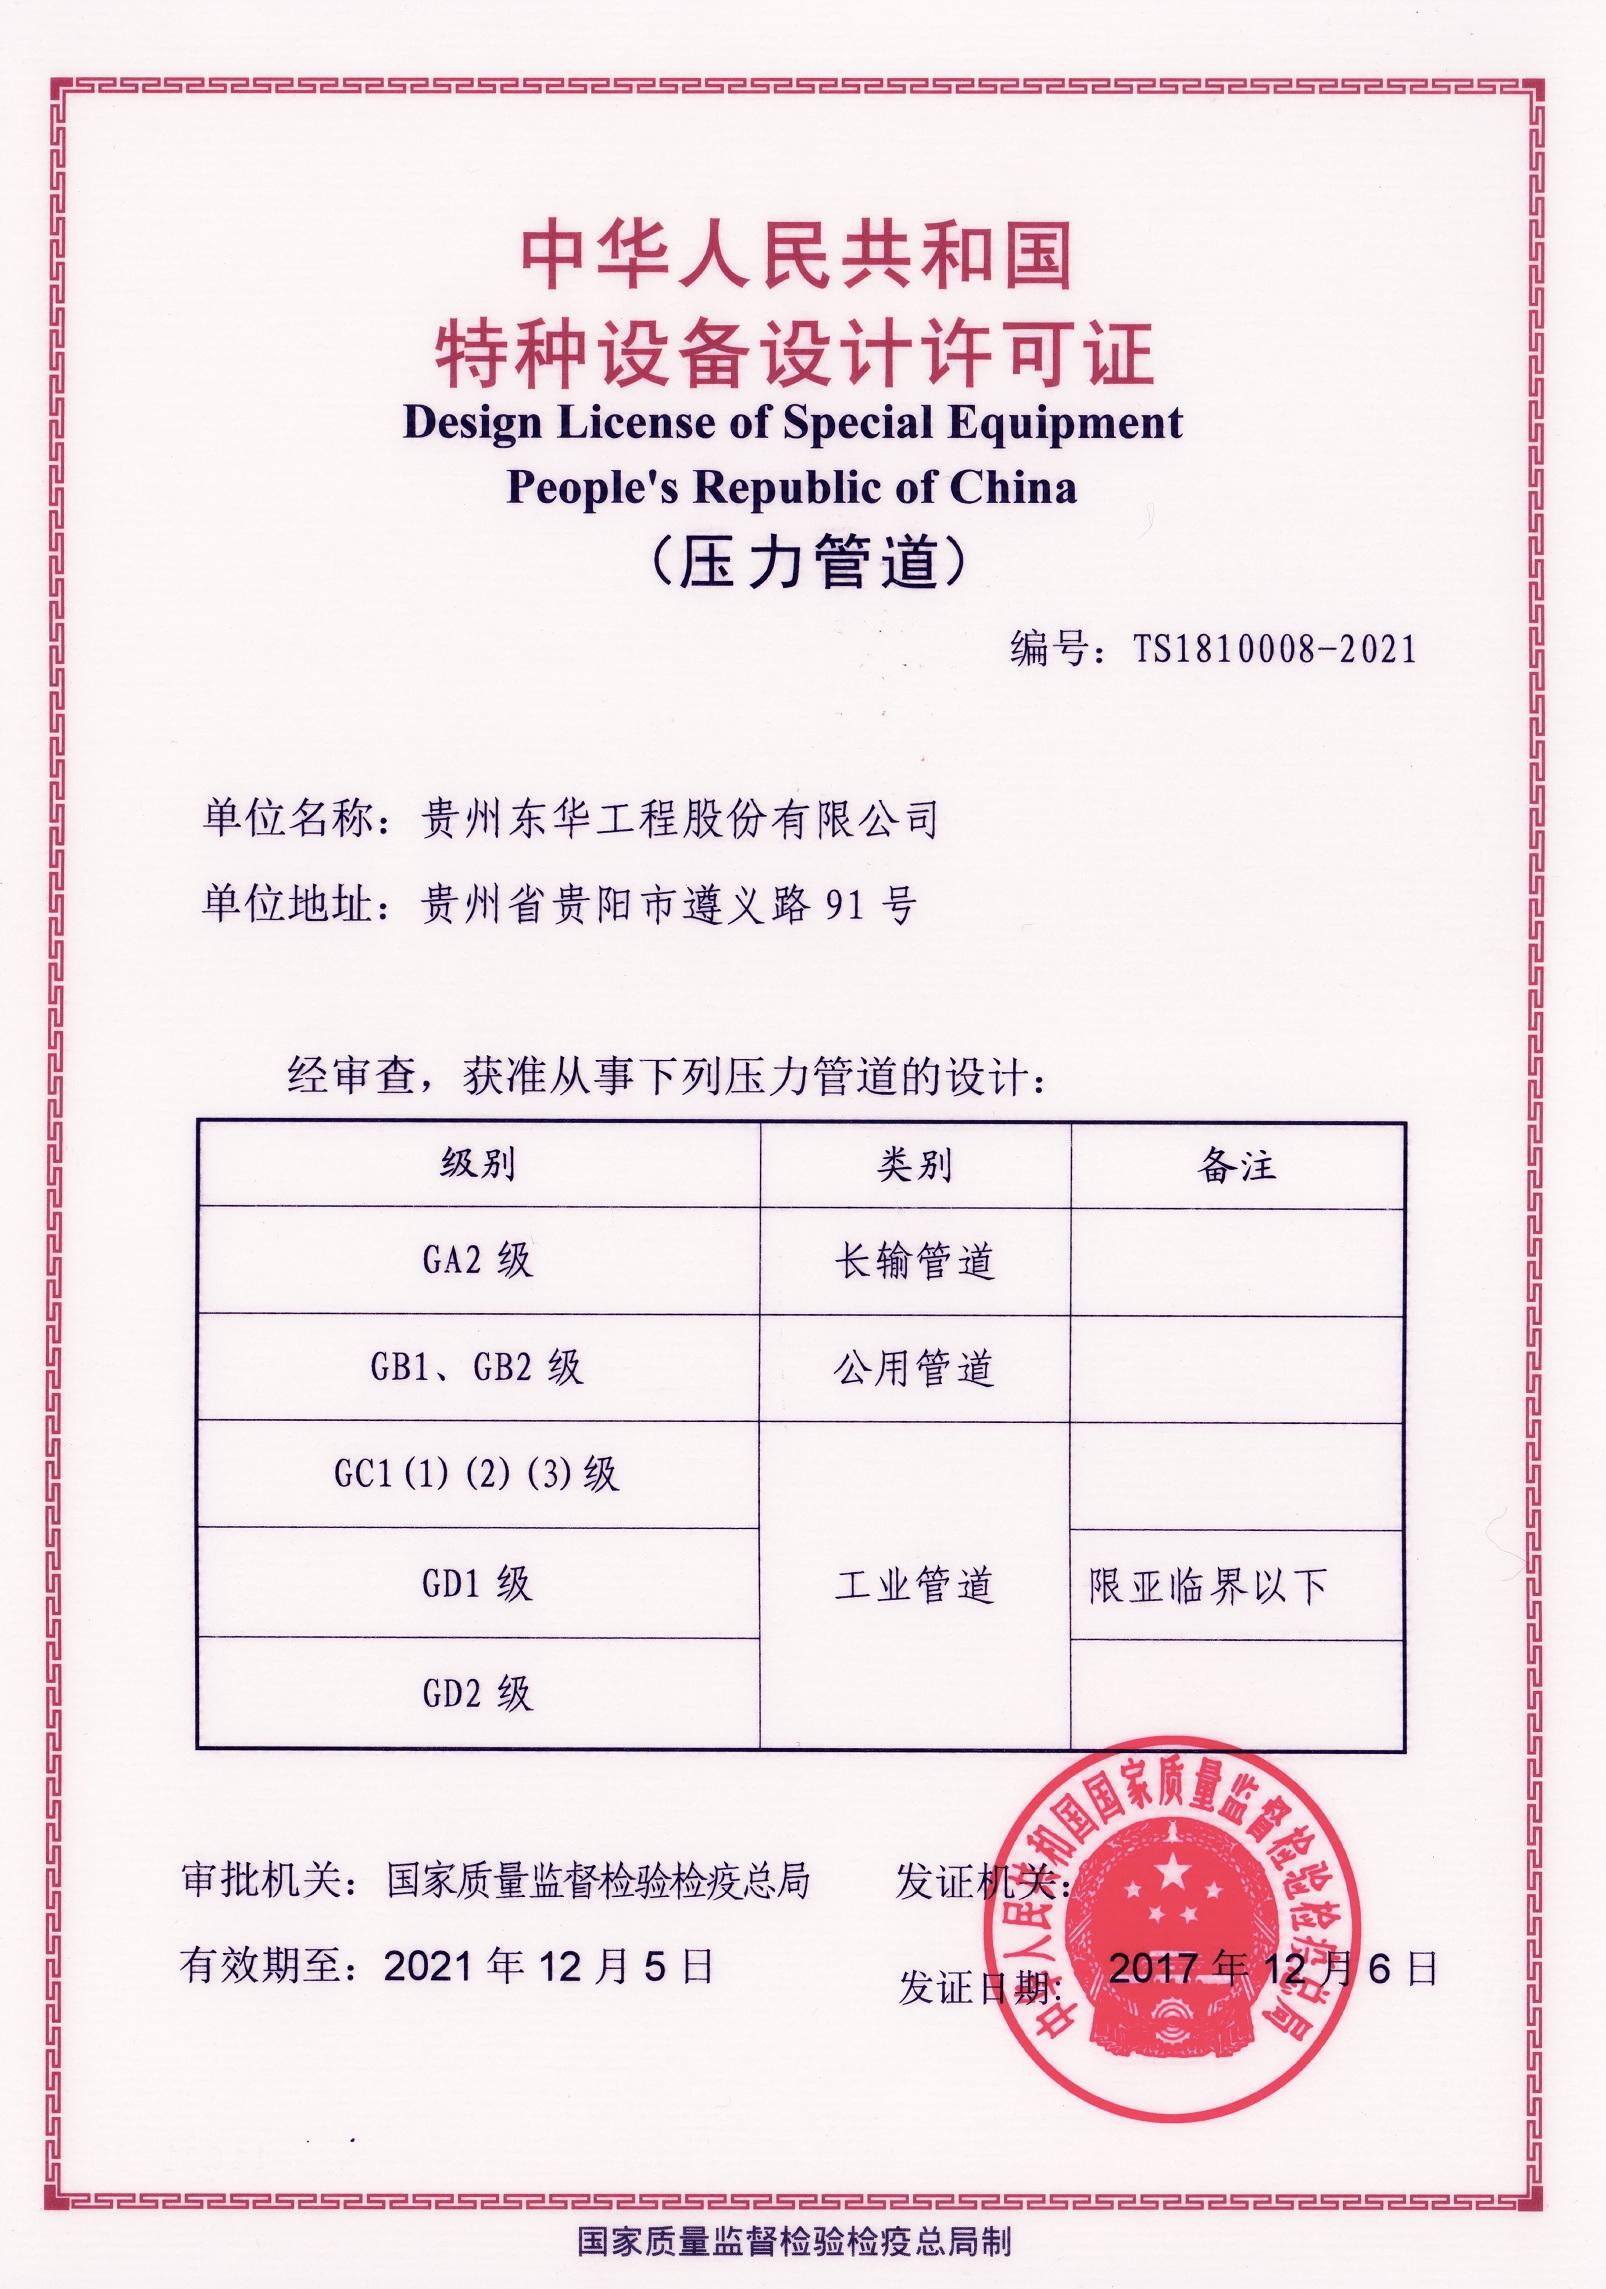 壓力管道設計許可證-副本